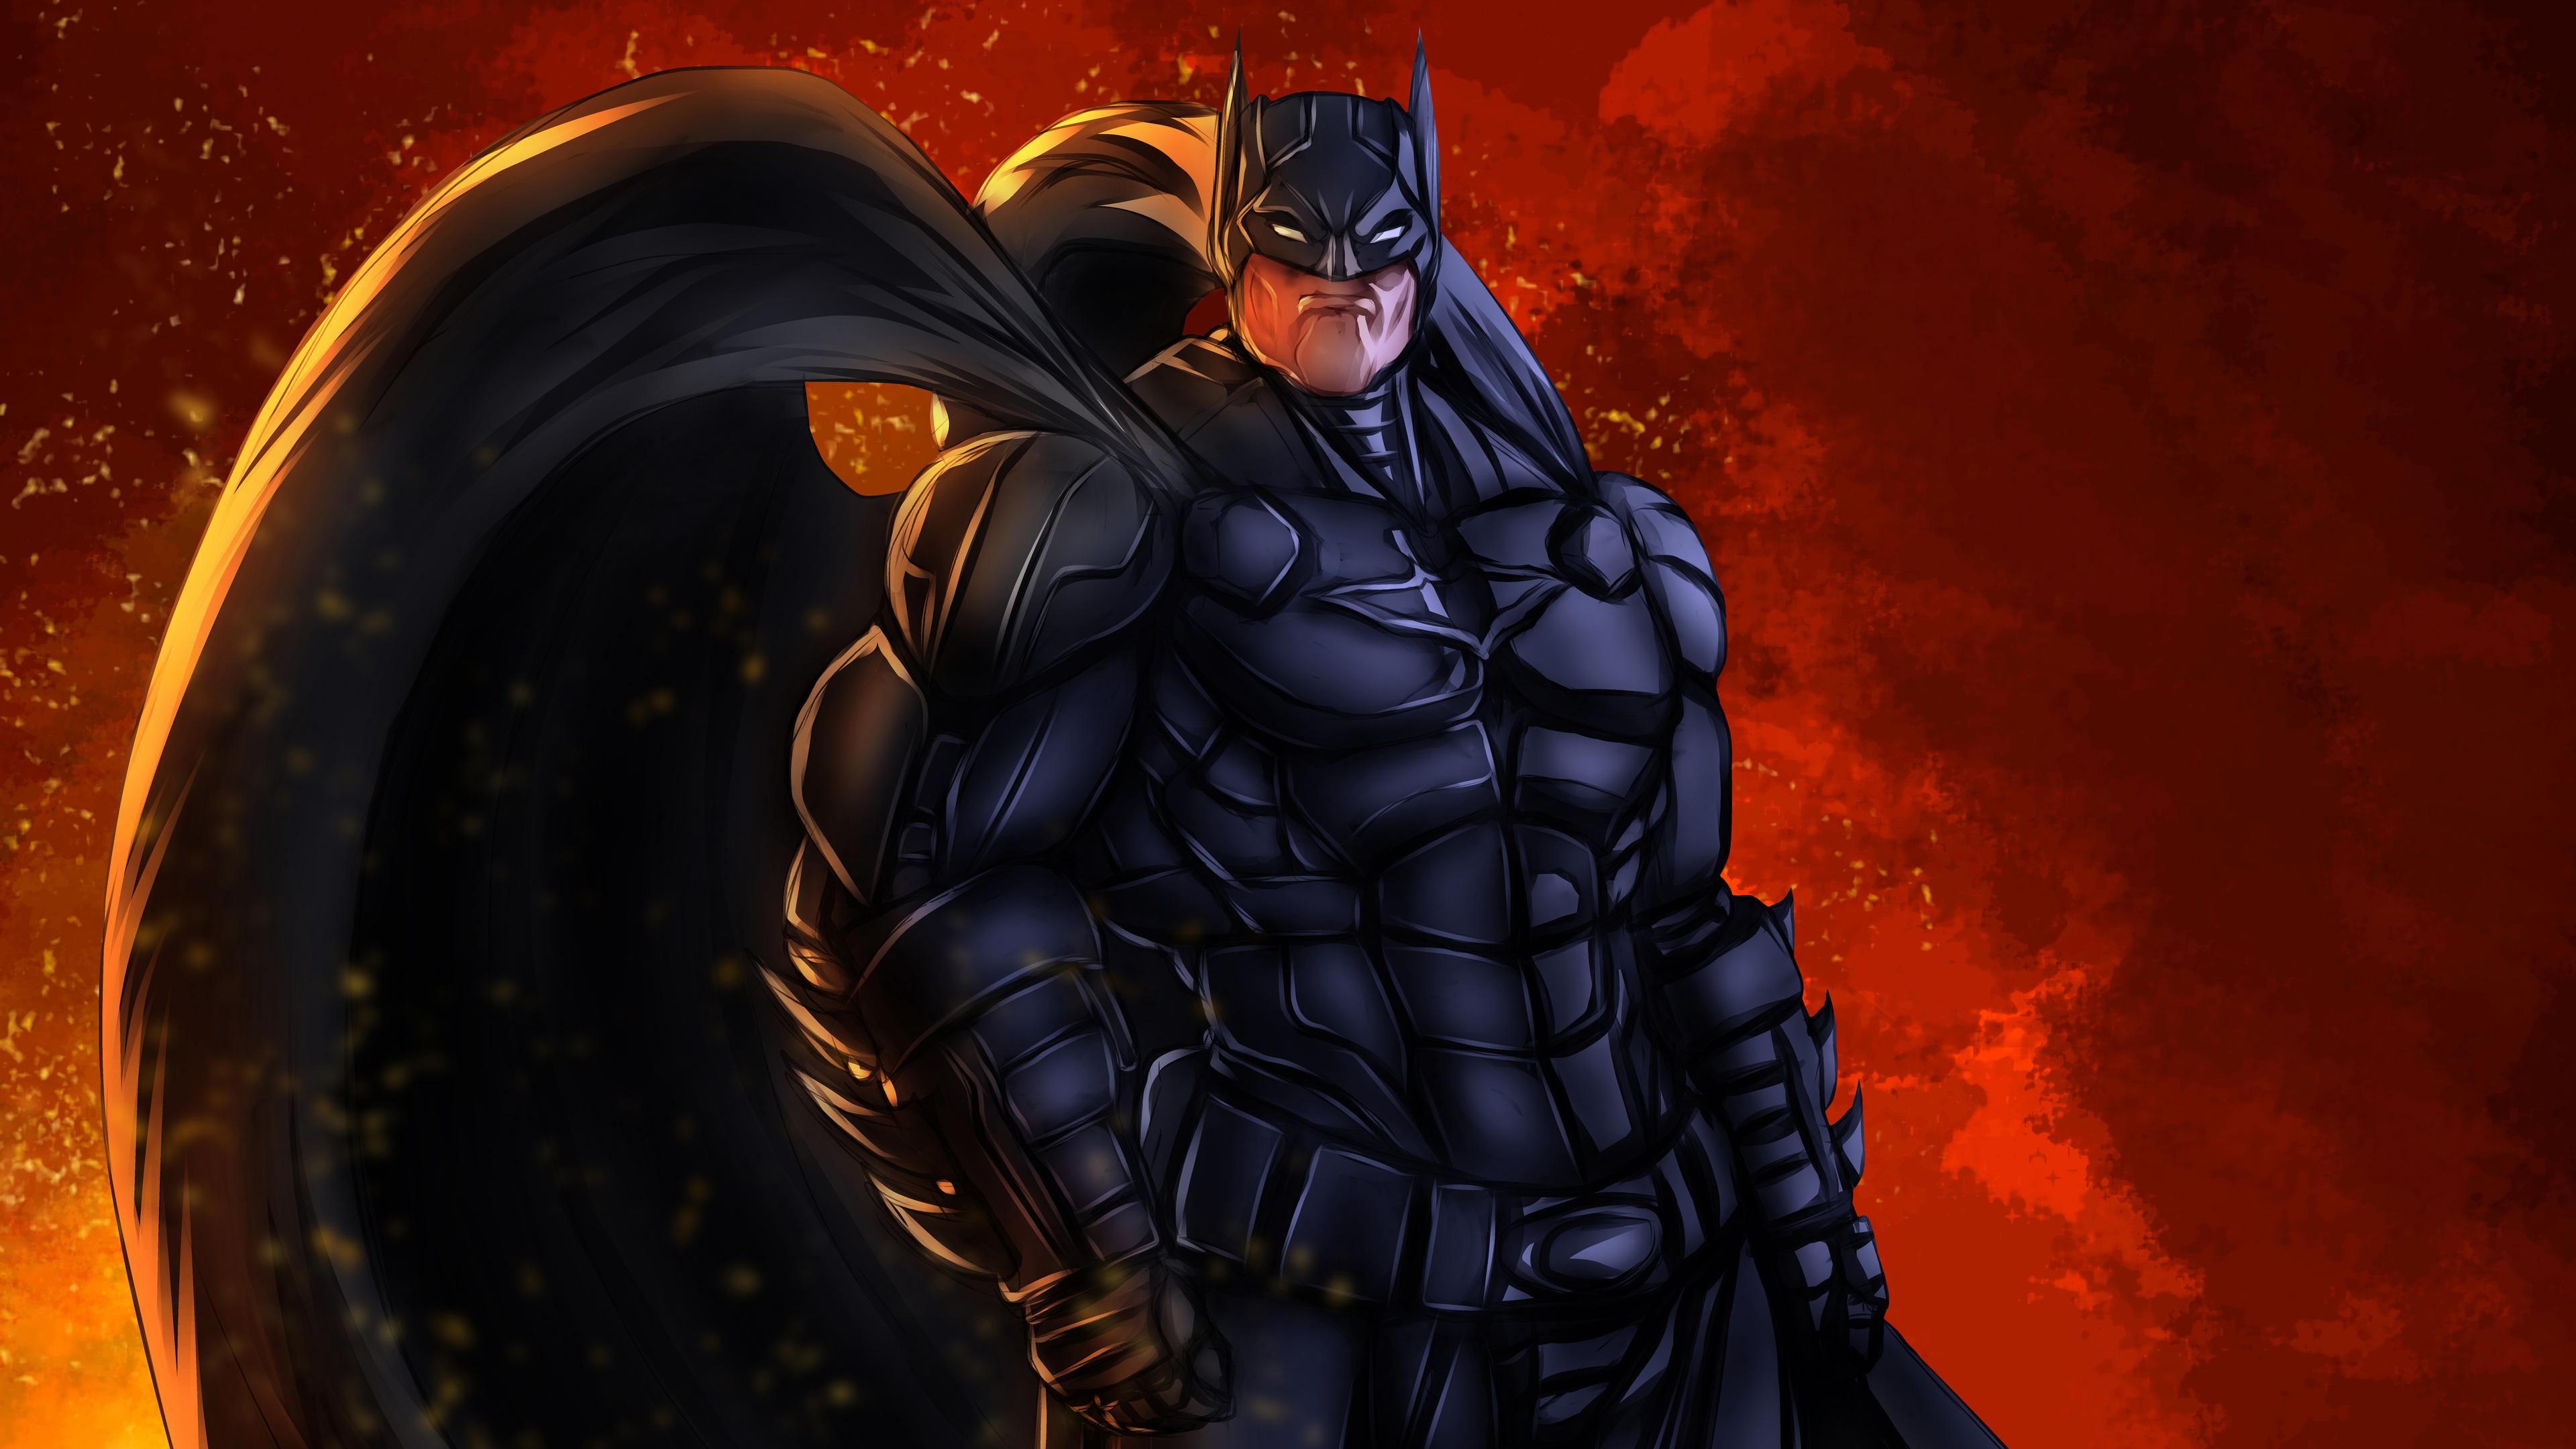 batman art 4k 1545588714 - Batman  Art 4k - superheroes wallpapers, hd-wallpapers, digital art wallpapers, deviantart wallpapers, batman wallpapers, artwork wallpapers, 4k-wallpapers, 10k wallpapers